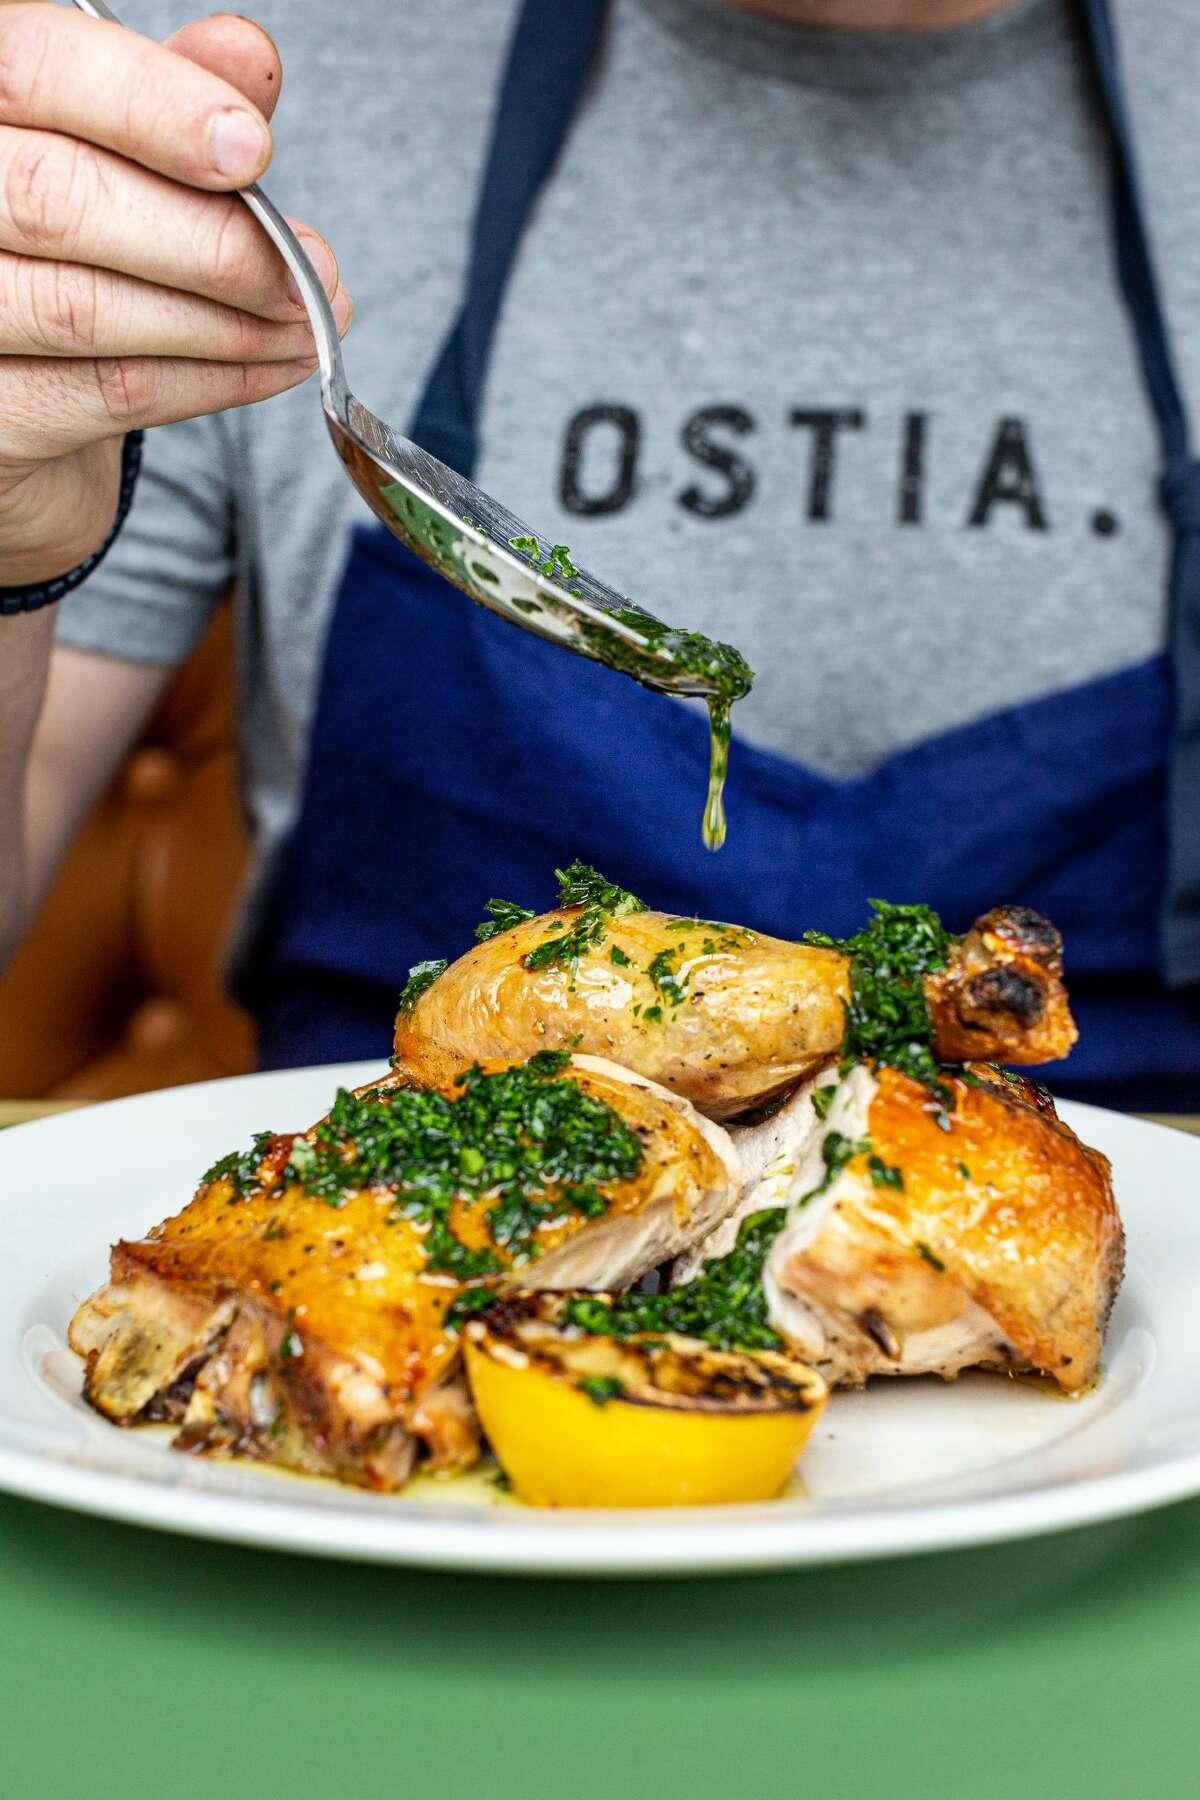 Chicken with salsa verde at Ostia restaurant.